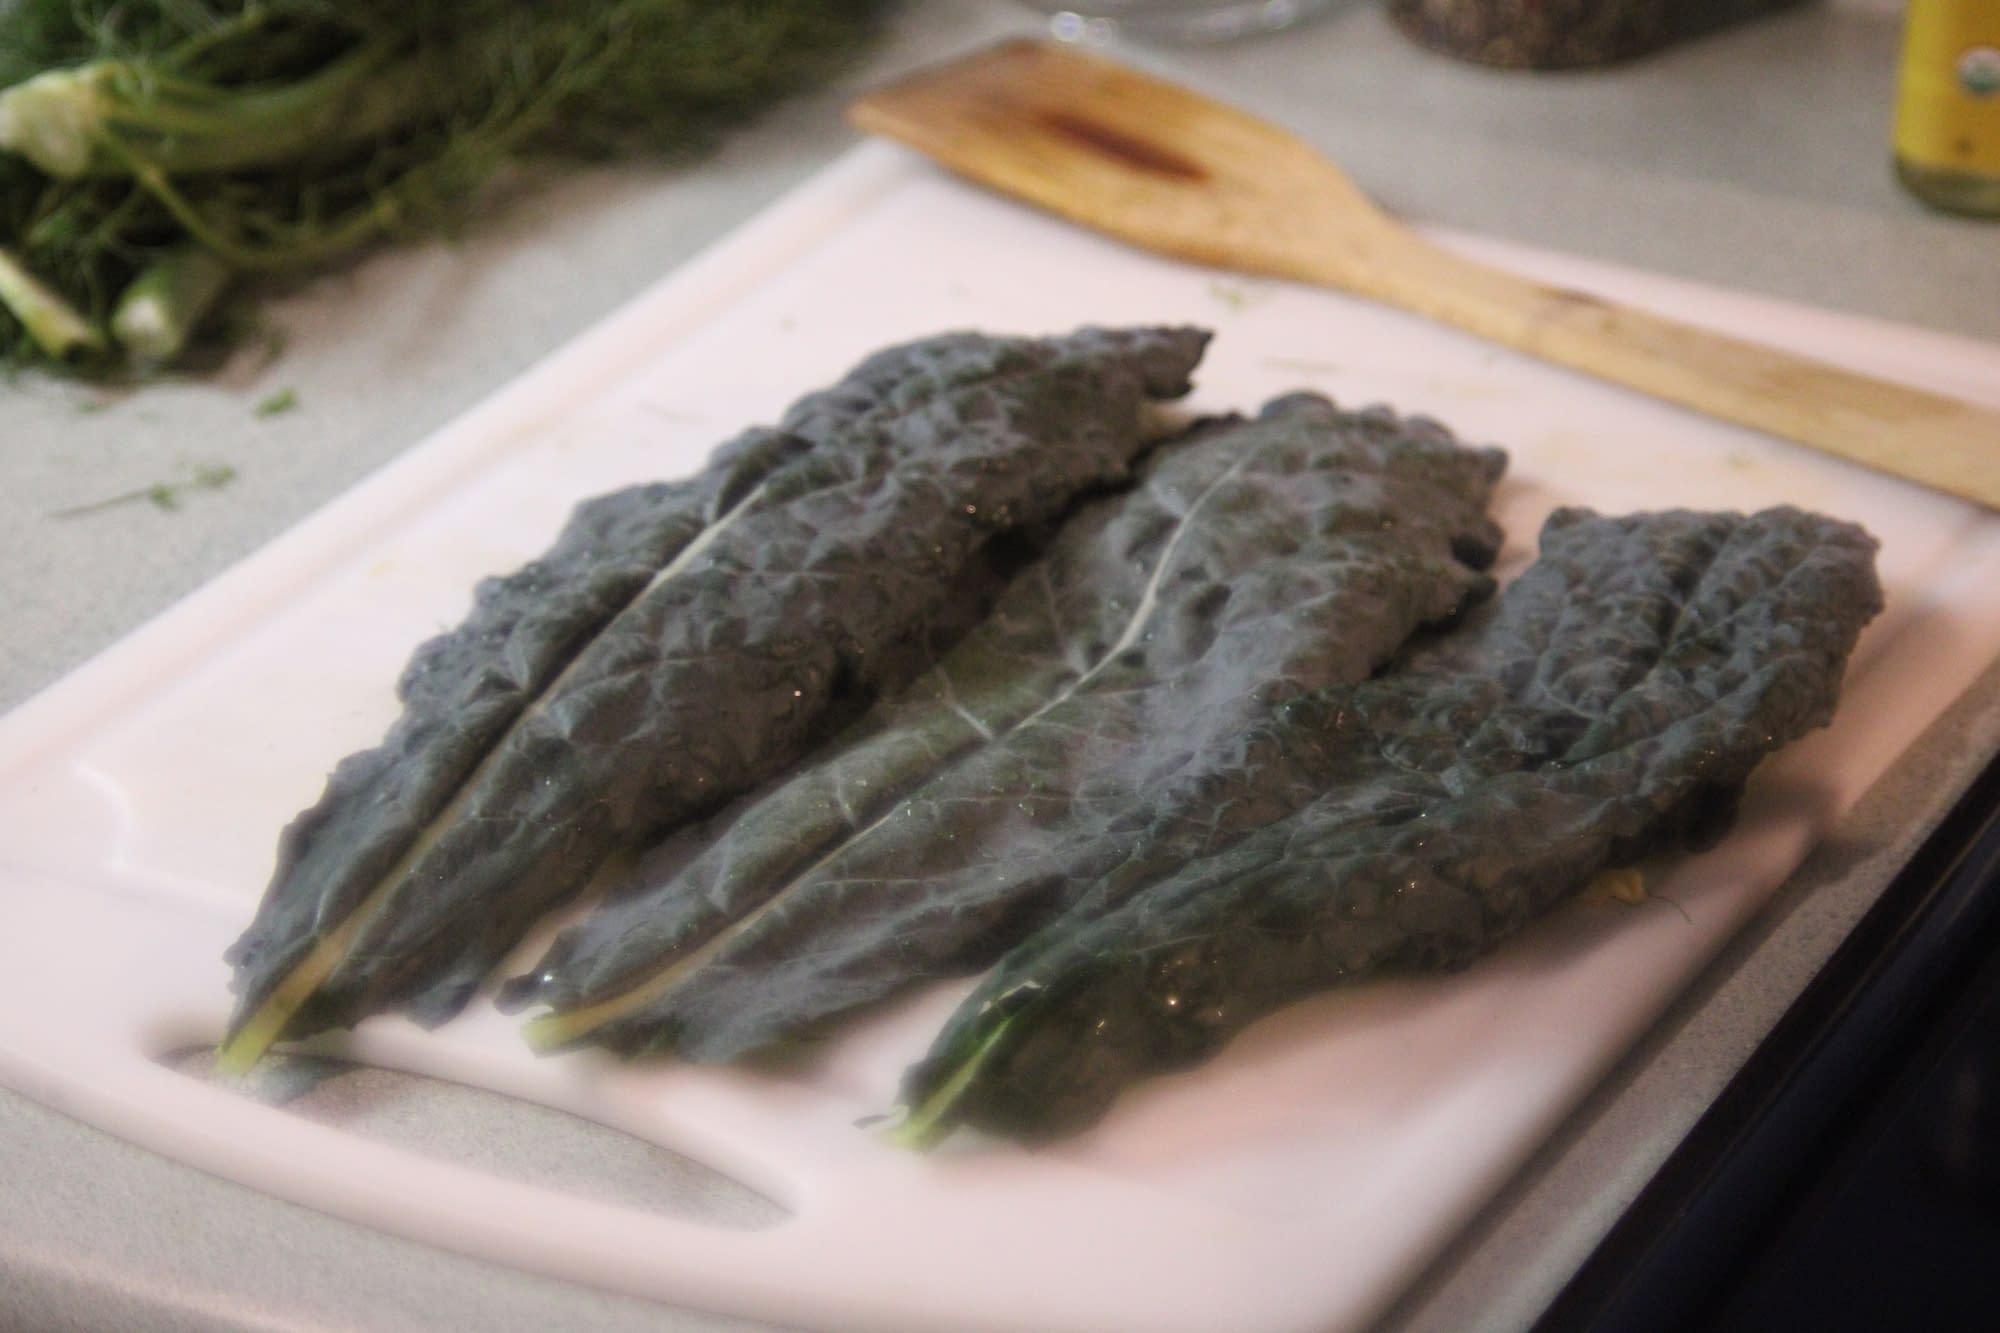 Kale on the cutting board.